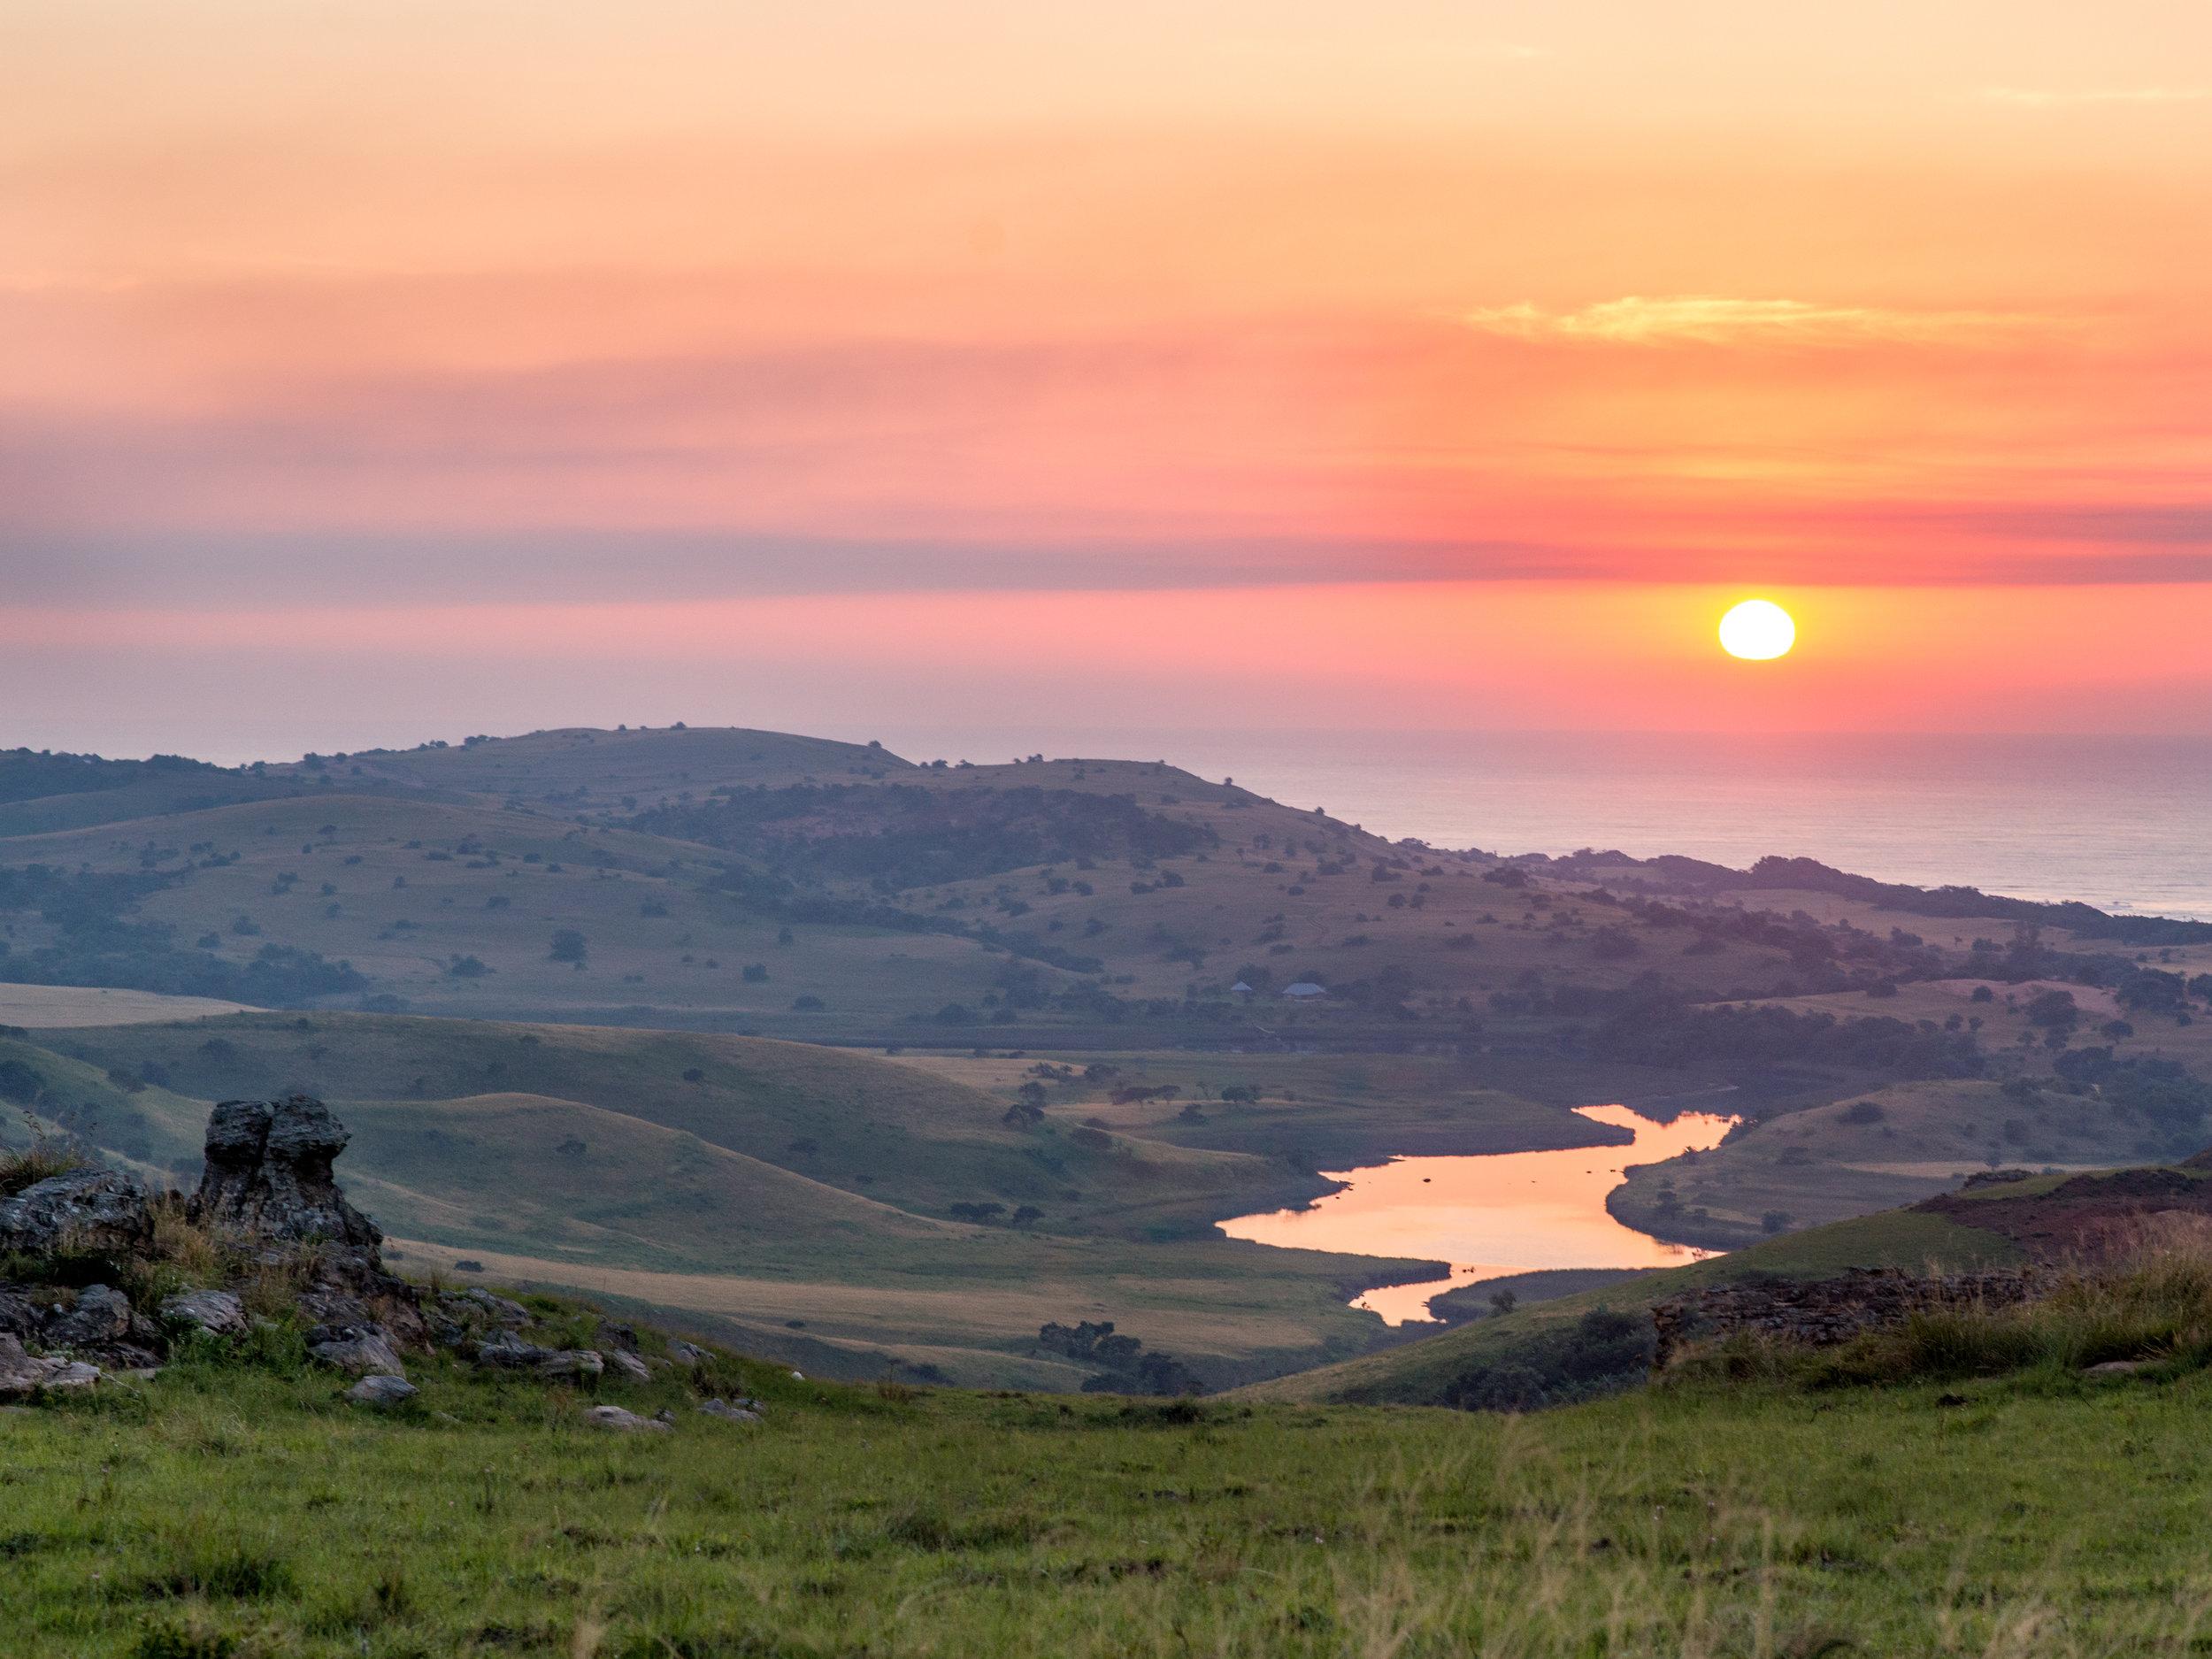 Sunrise over Xolobeni